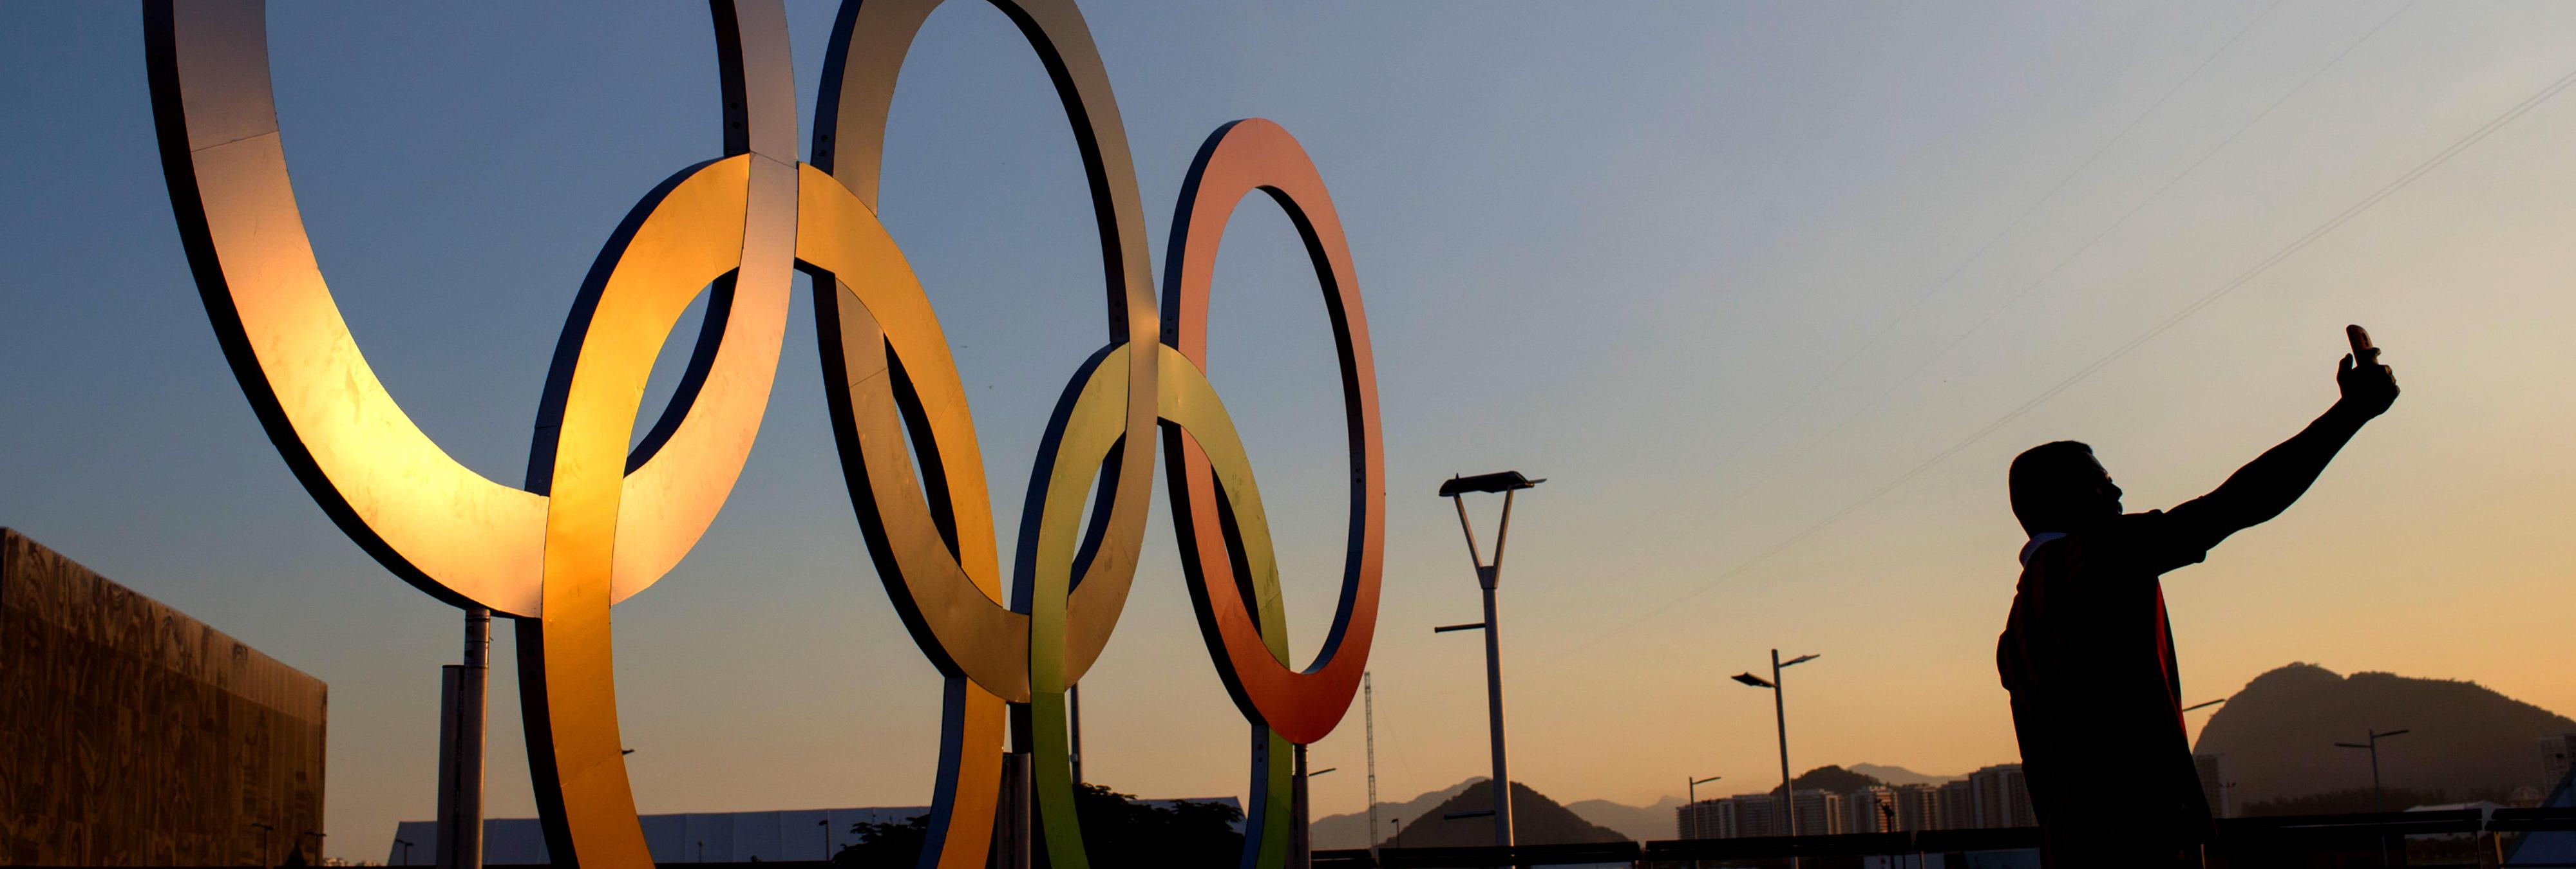 Abusos sexuales, borracheras, disparos y machismo: la cara oscura de Río 2016